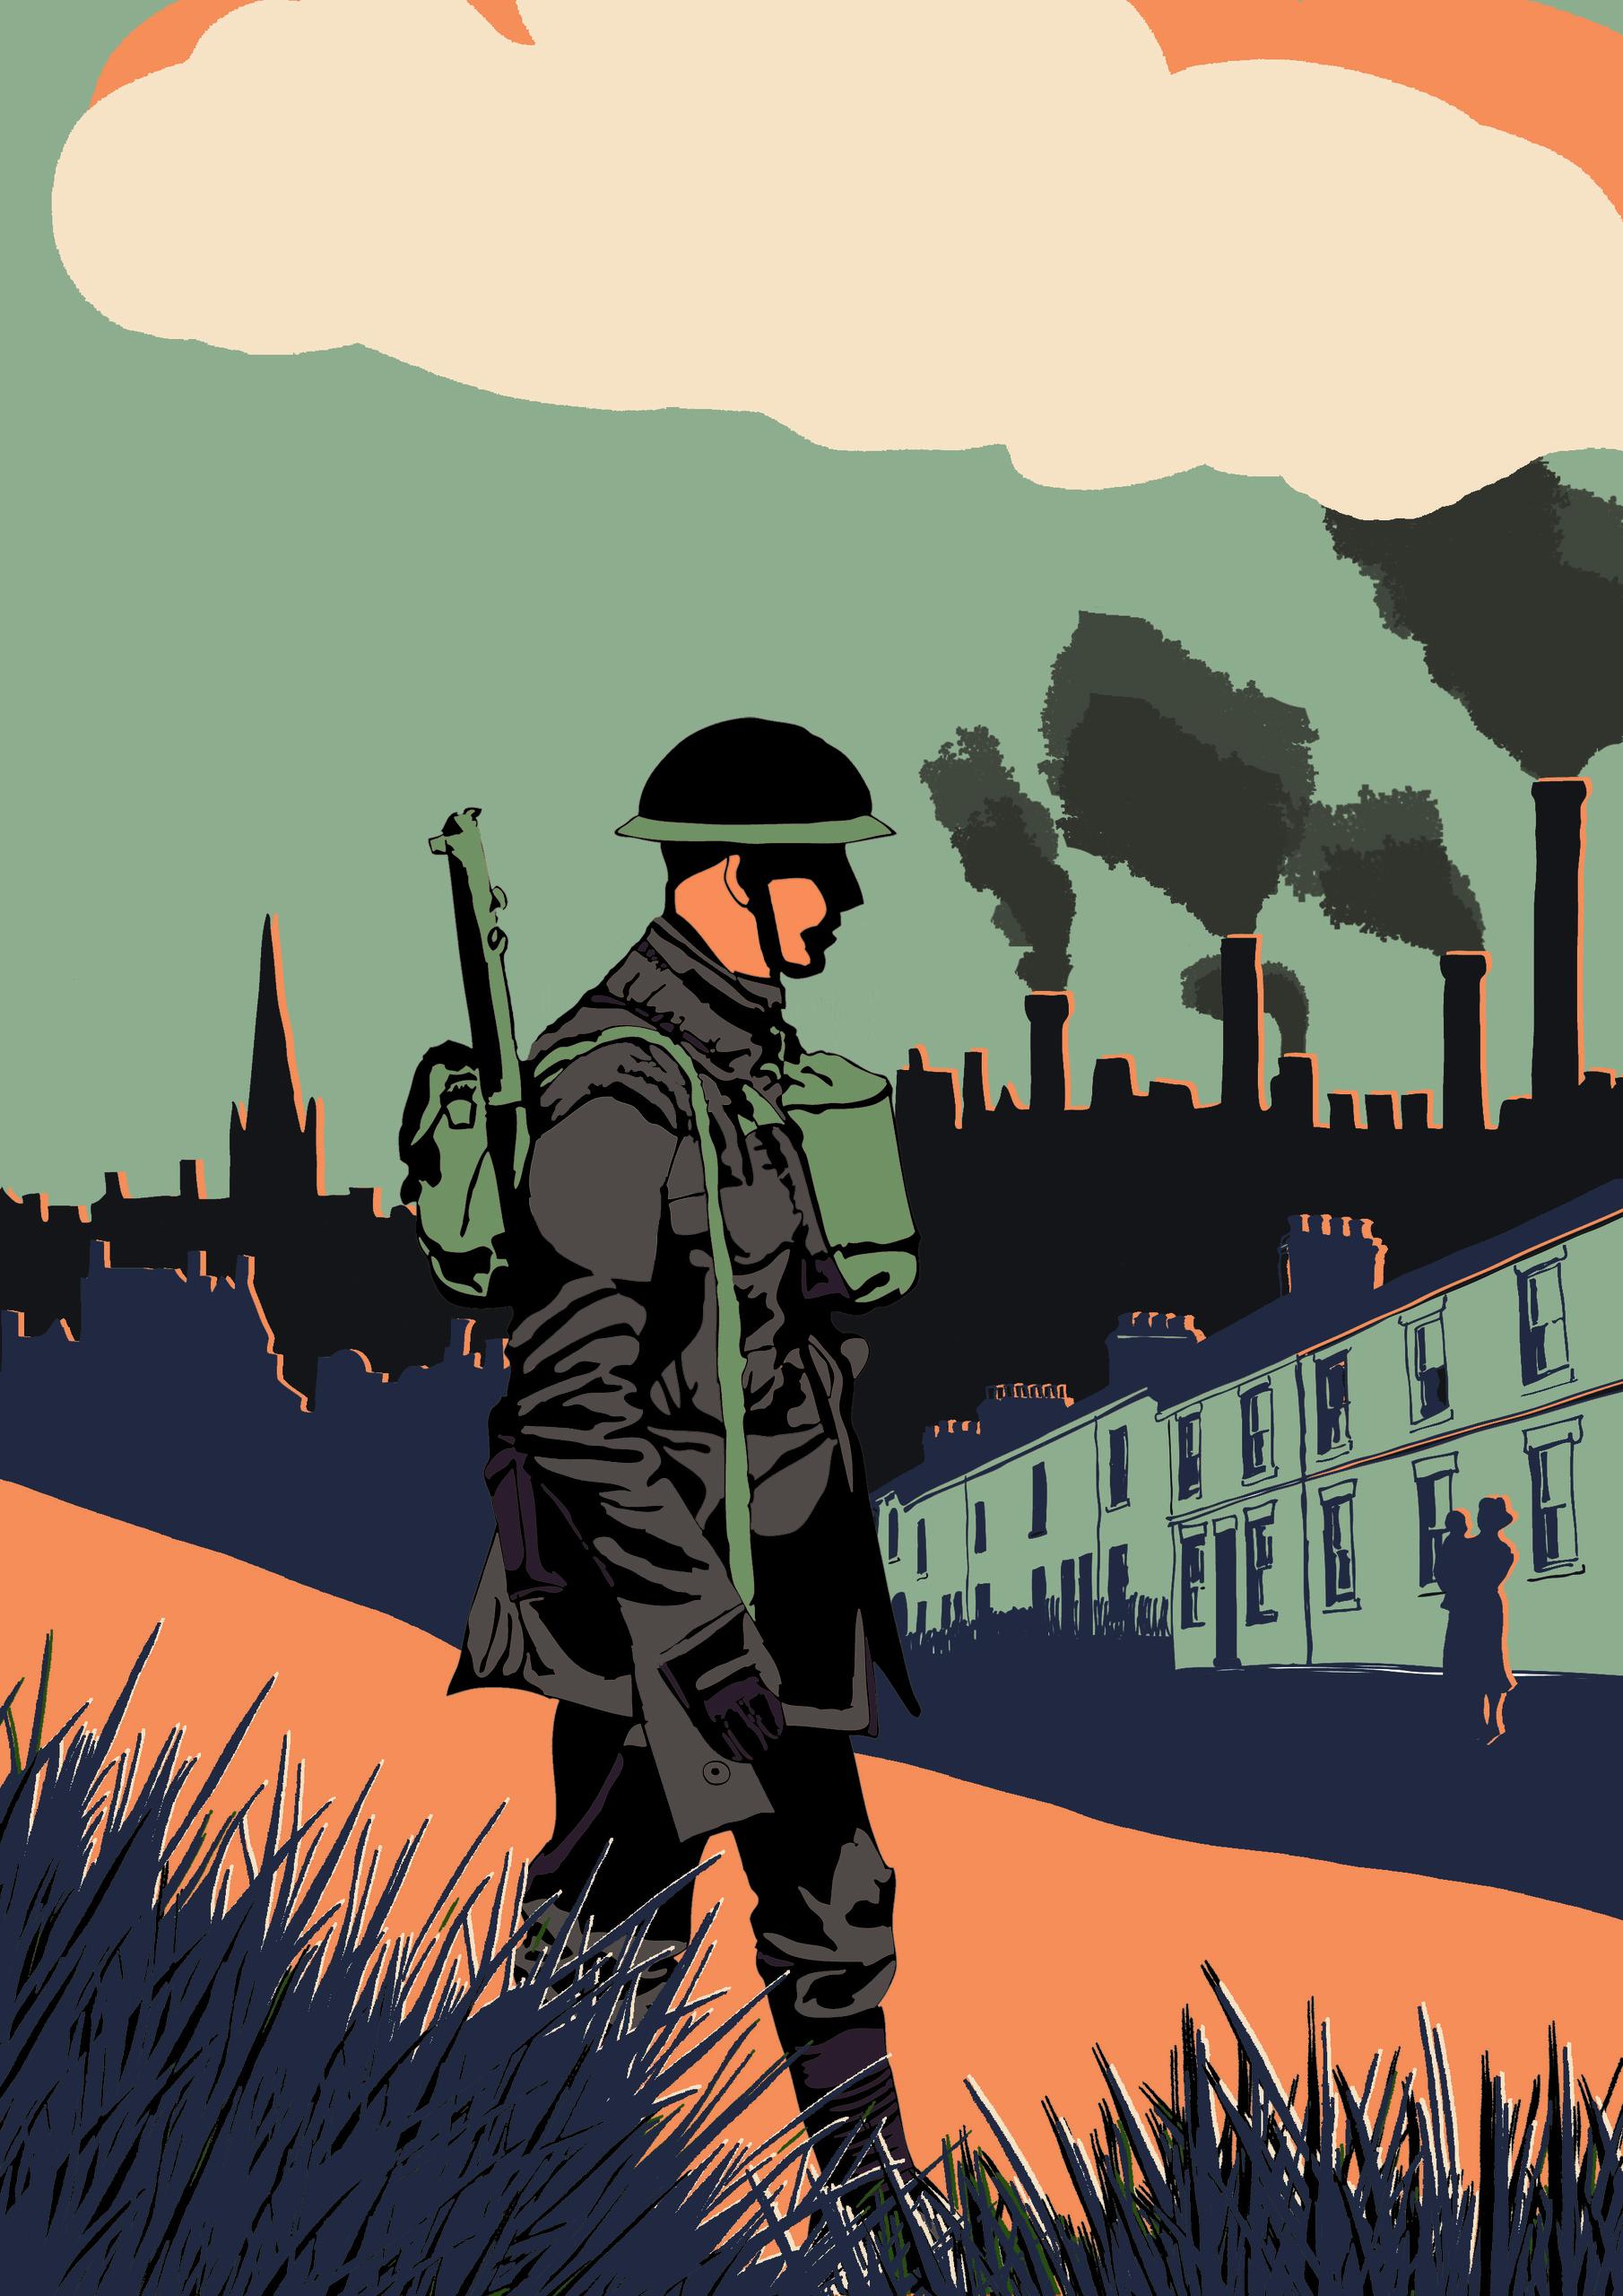 Town edition Great War Britain  - melissaturland | ello